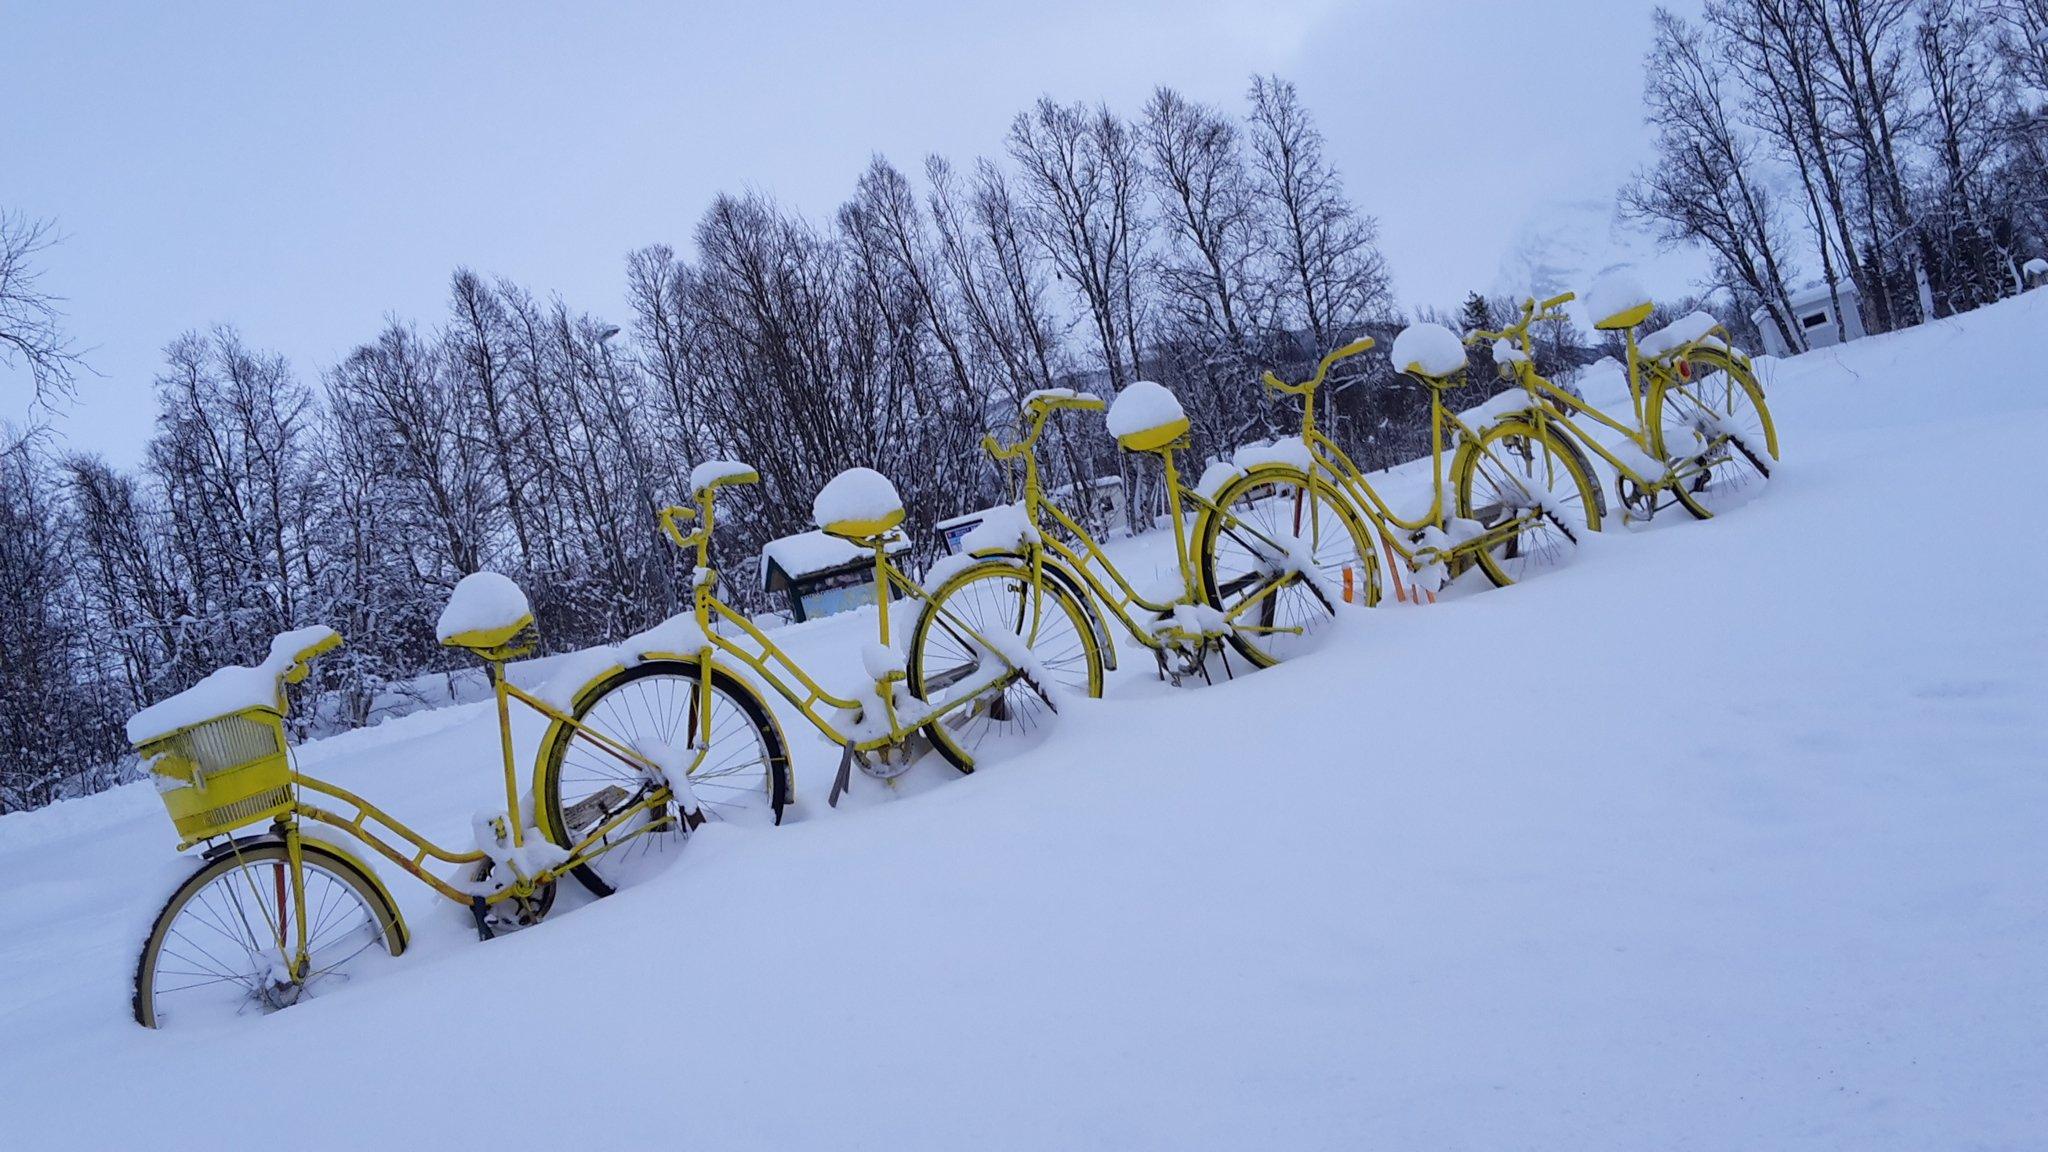 Biciclette in #Norvegia...in attesa di tempi migliori! Siamo a Siovegan a -7 gradi... #viaggiare #neve https://t.co/zcRlSZE8Jh